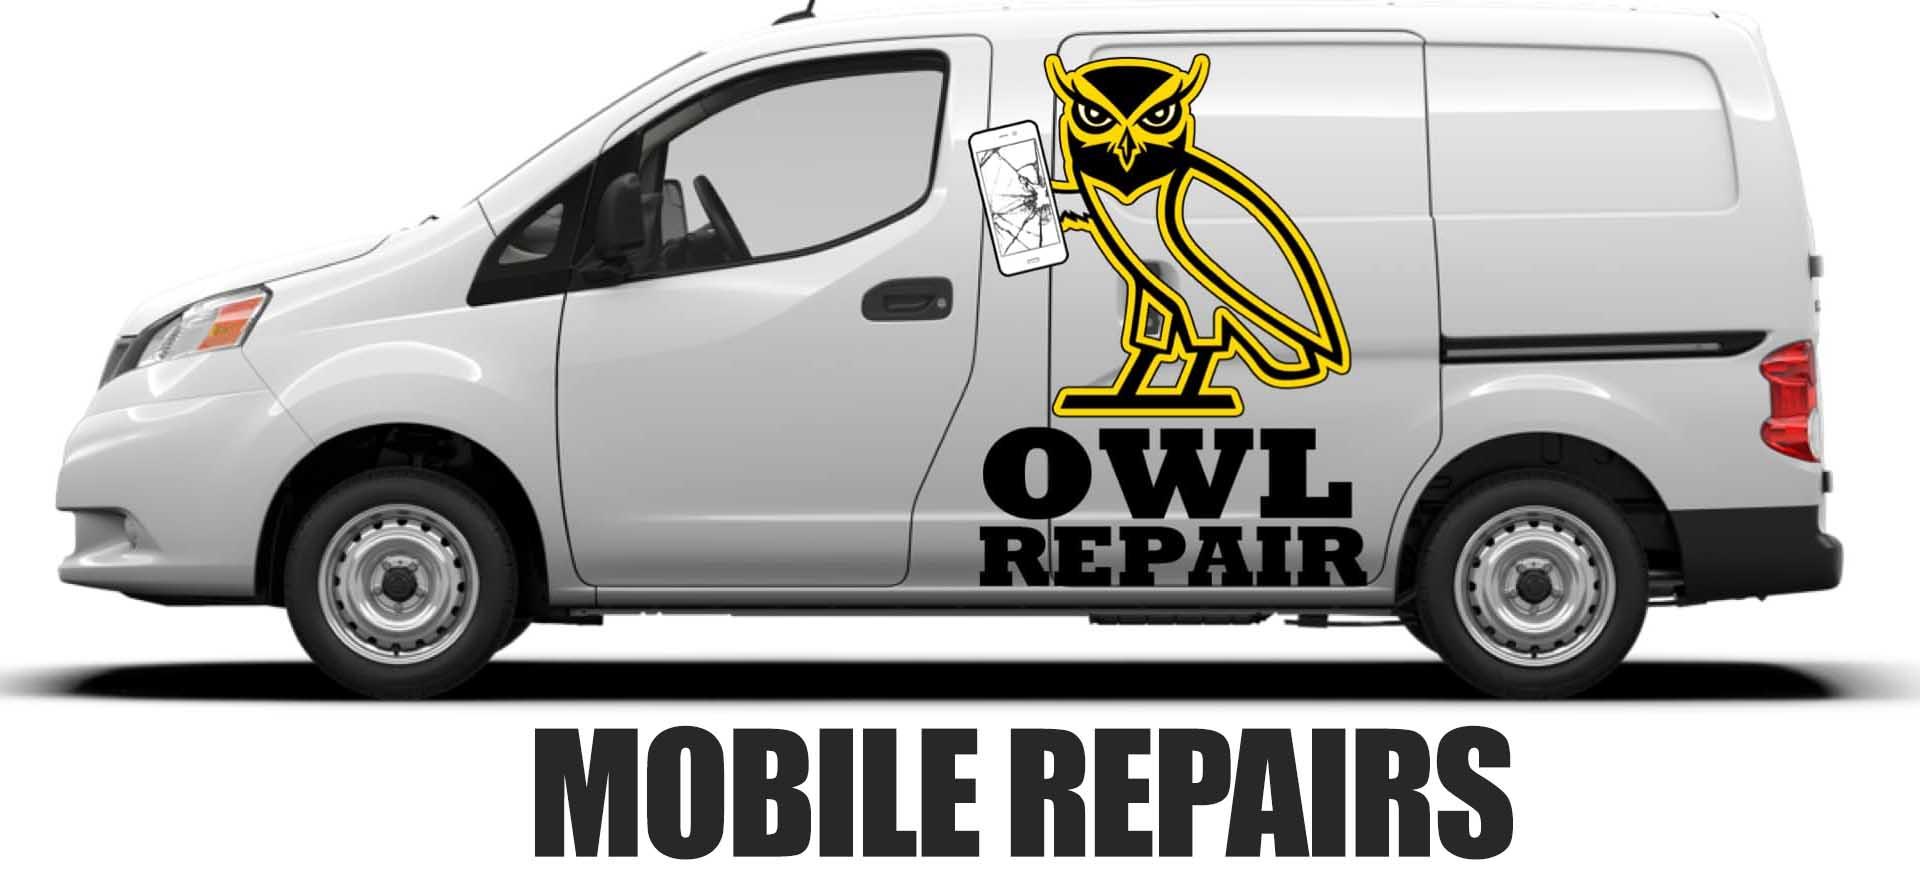 mobile repairs near me